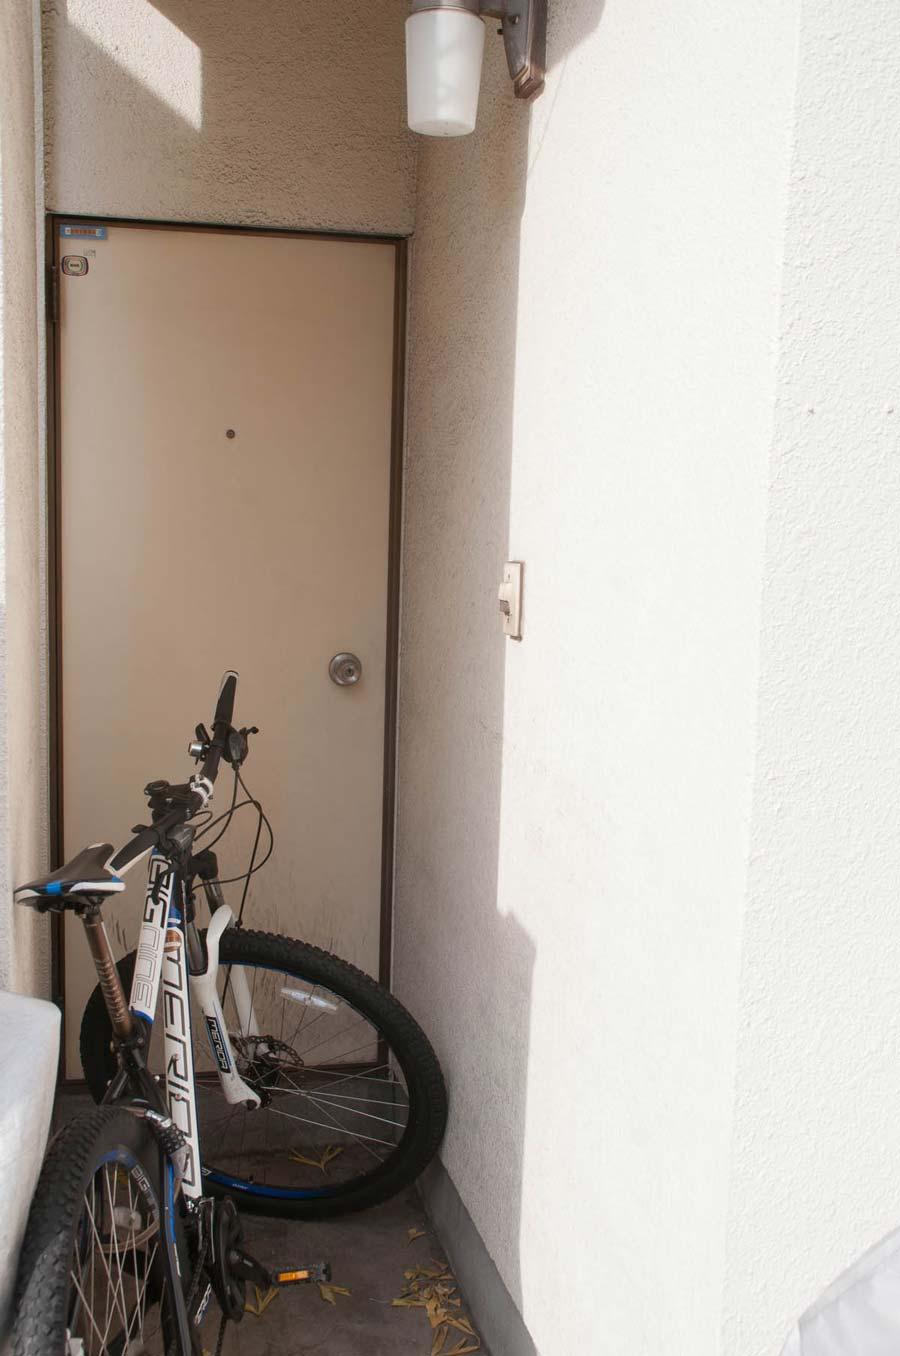 tokyo_doors-14_low